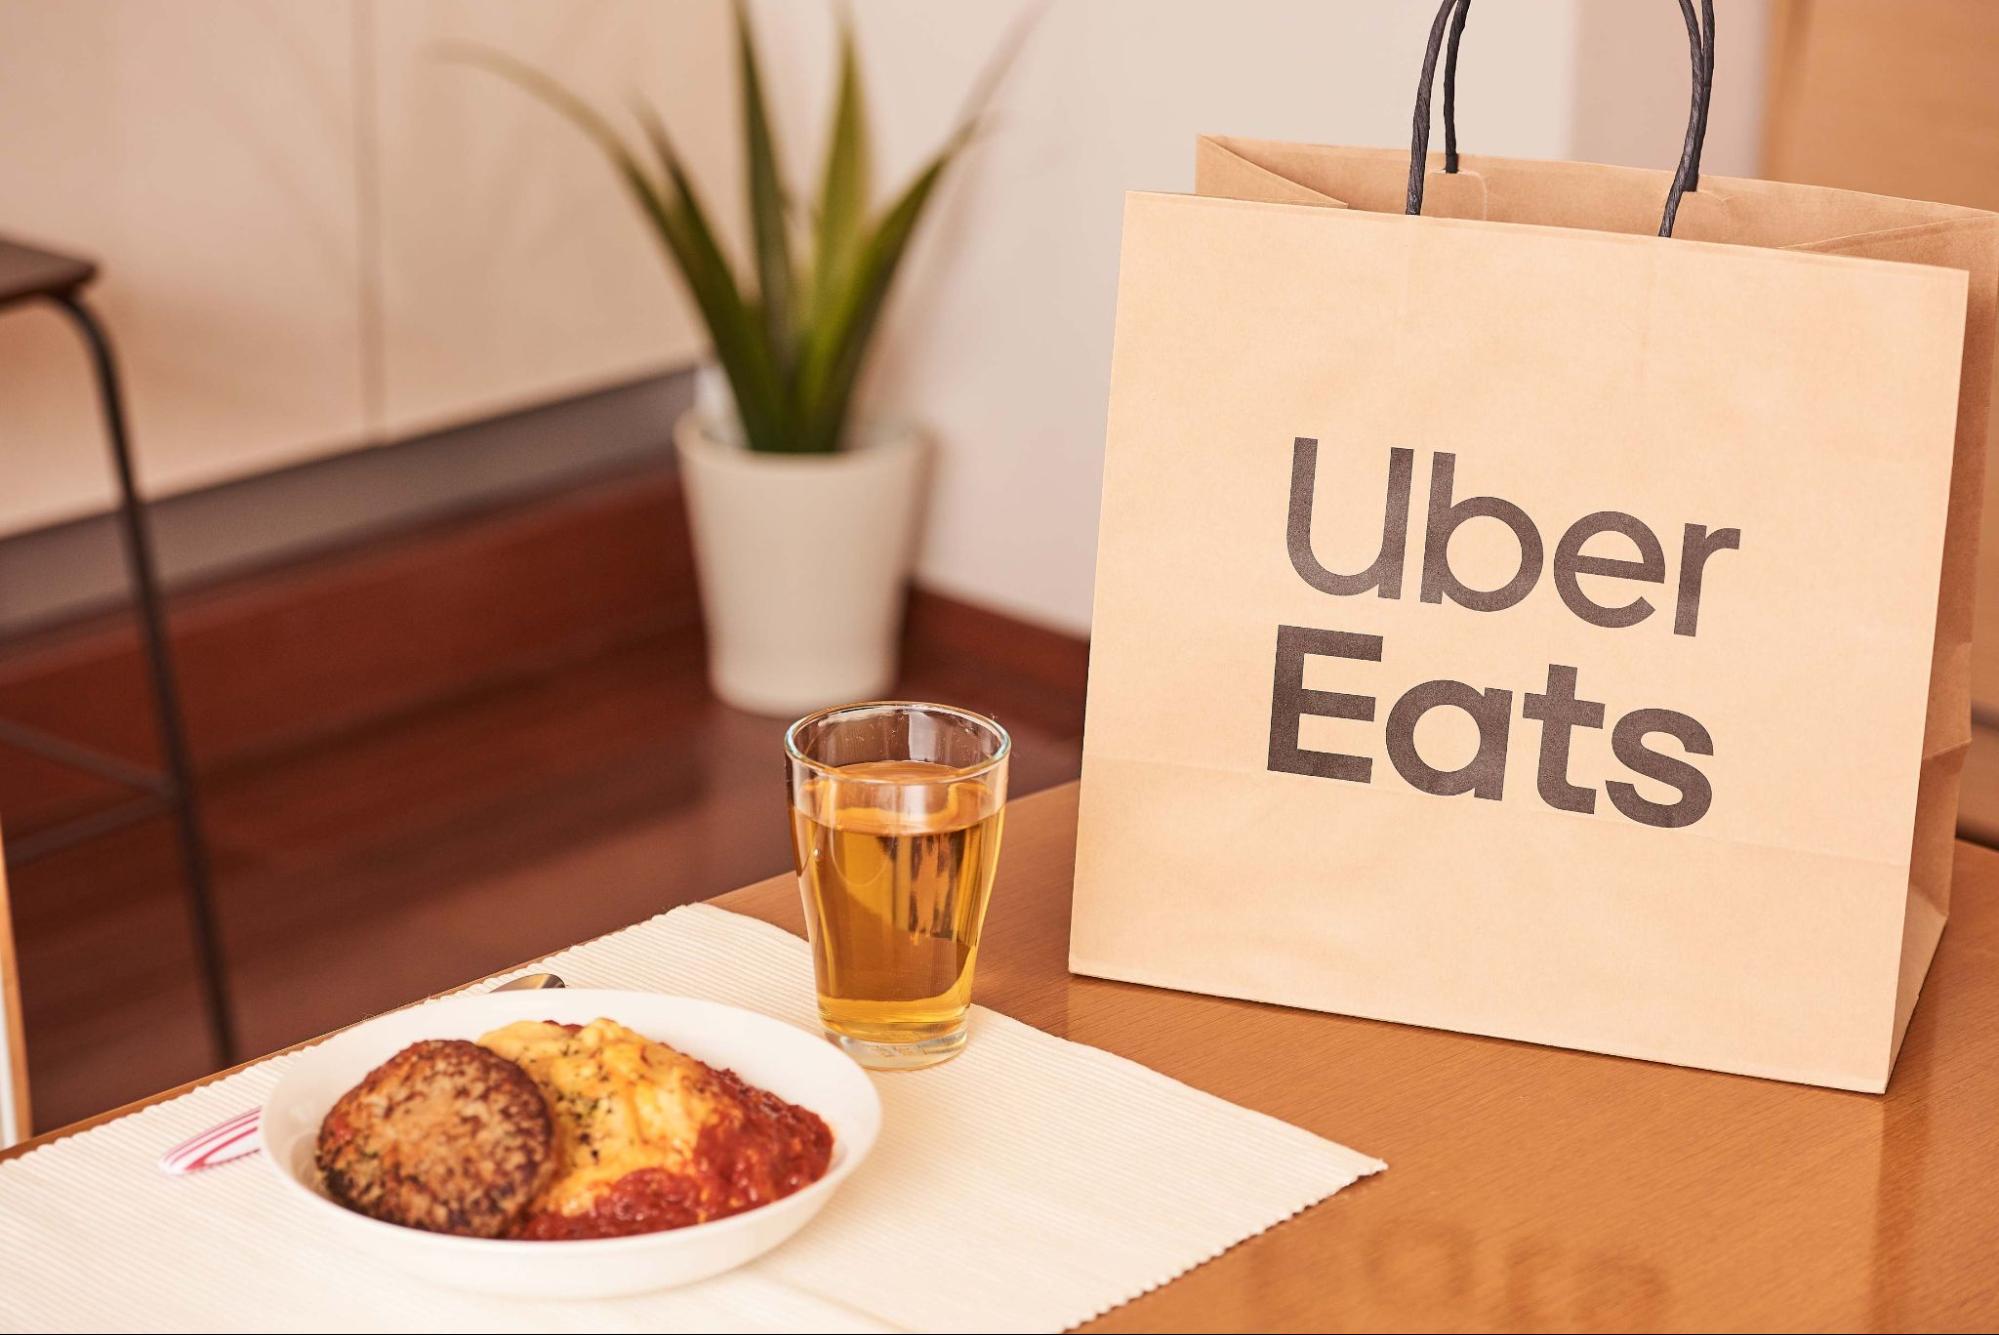 Uber Eats(ウーバーイーツ)イメージ写真